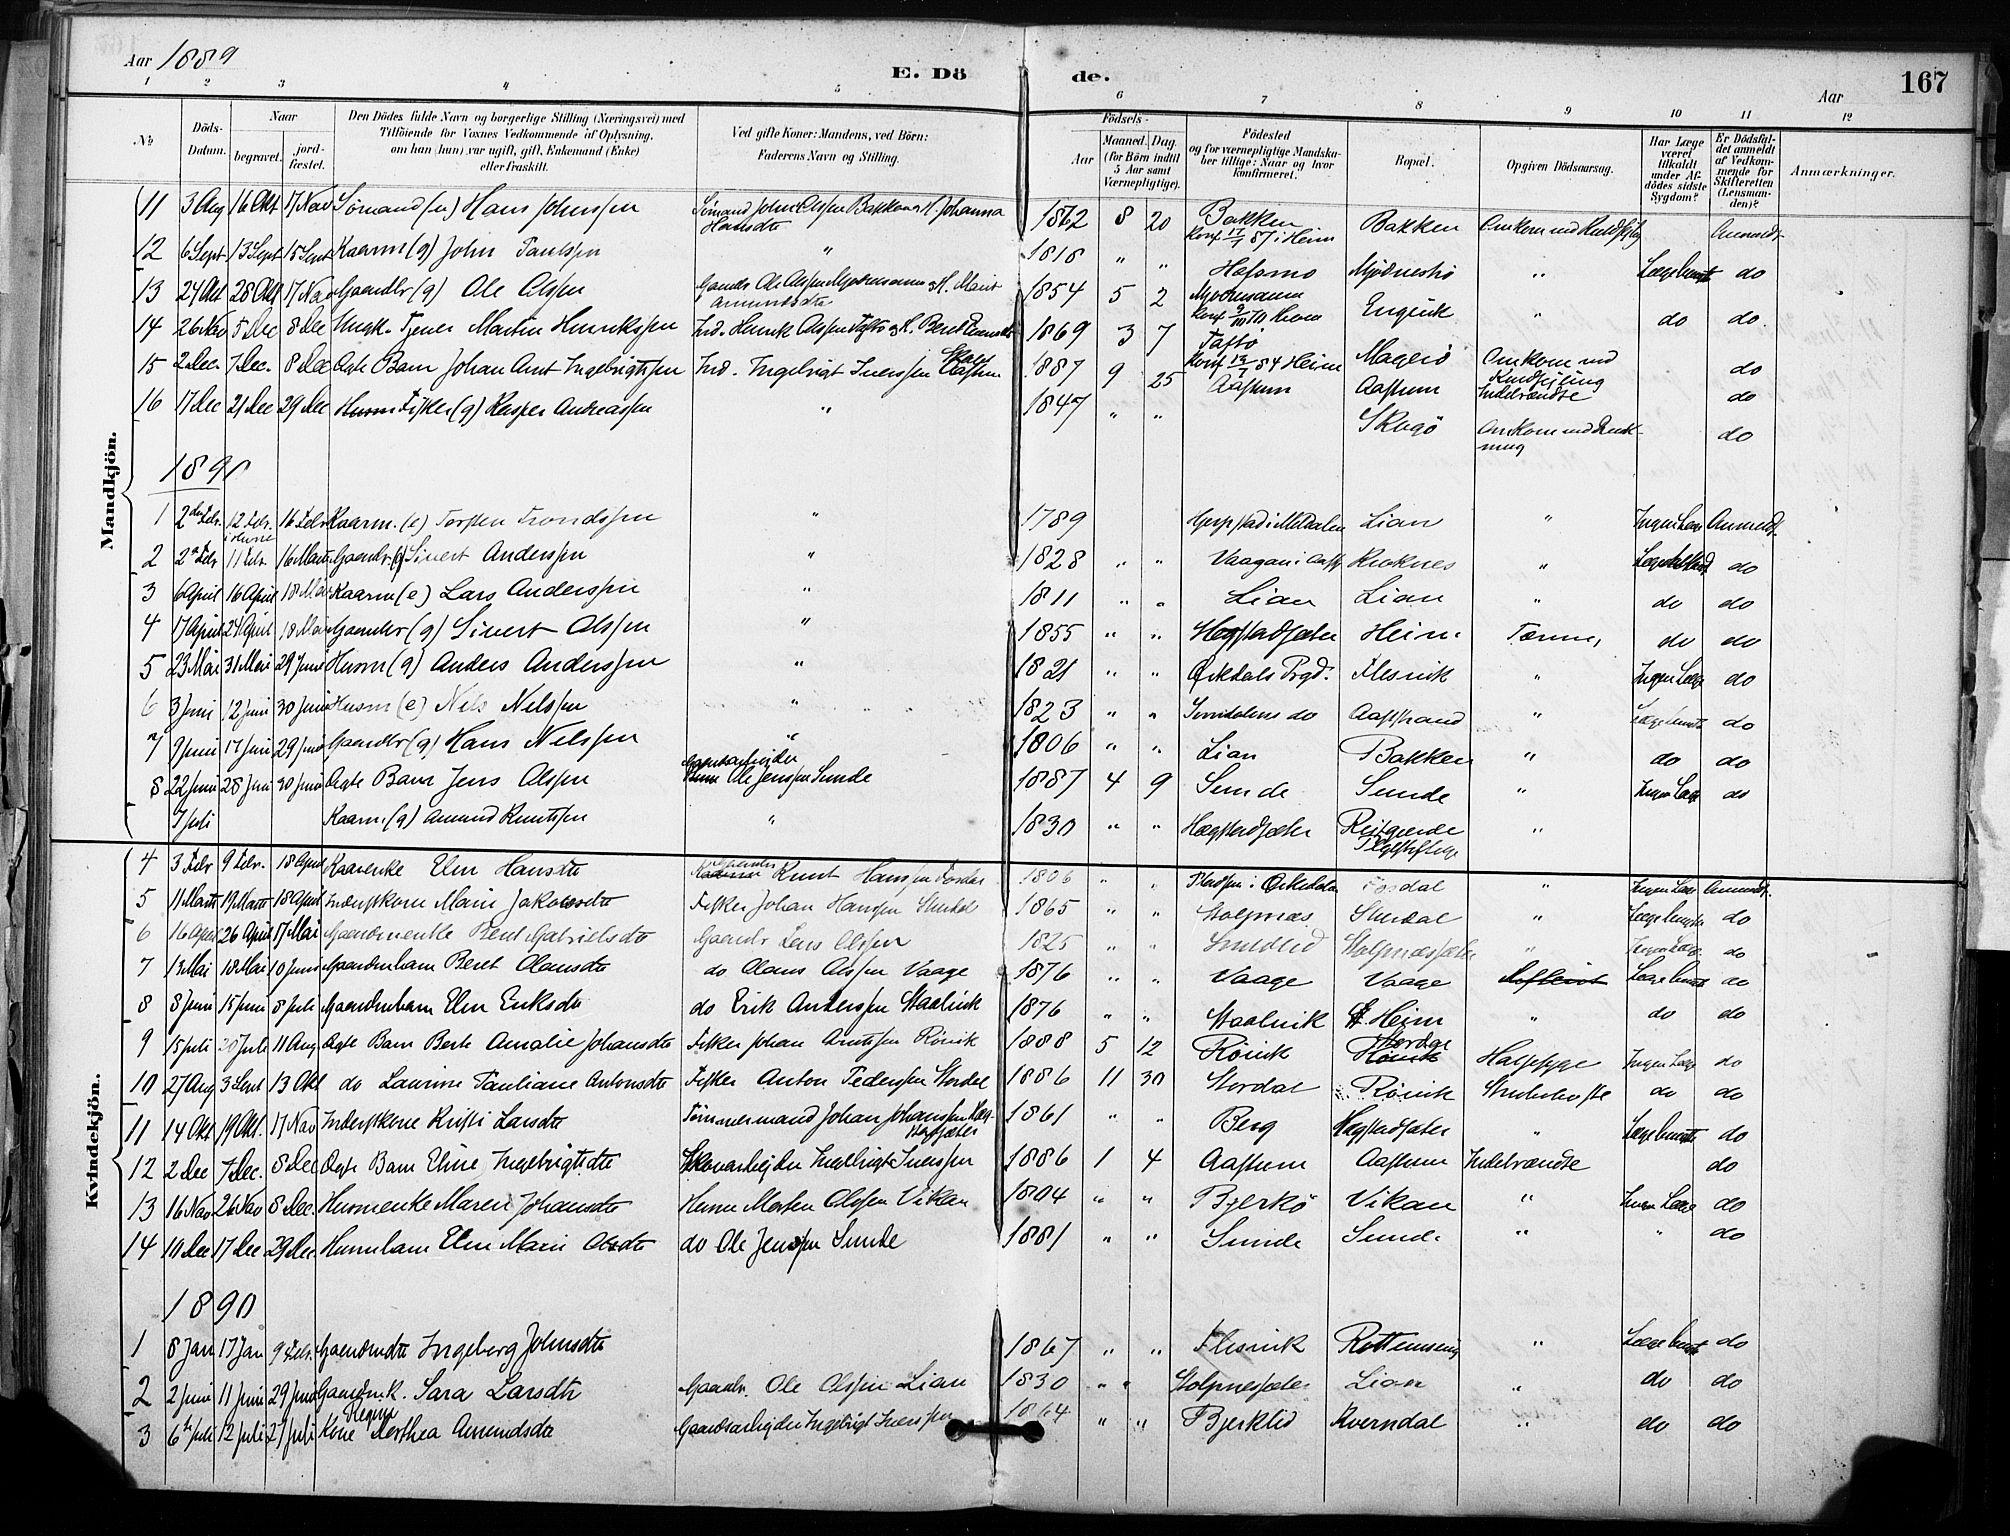 SAT, Ministerialprotokoller, klokkerbøker og fødselsregistre - Sør-Trøndelag, 633/L0518: Ministerialbok nr. 633A01, 1884-1906, s. 167